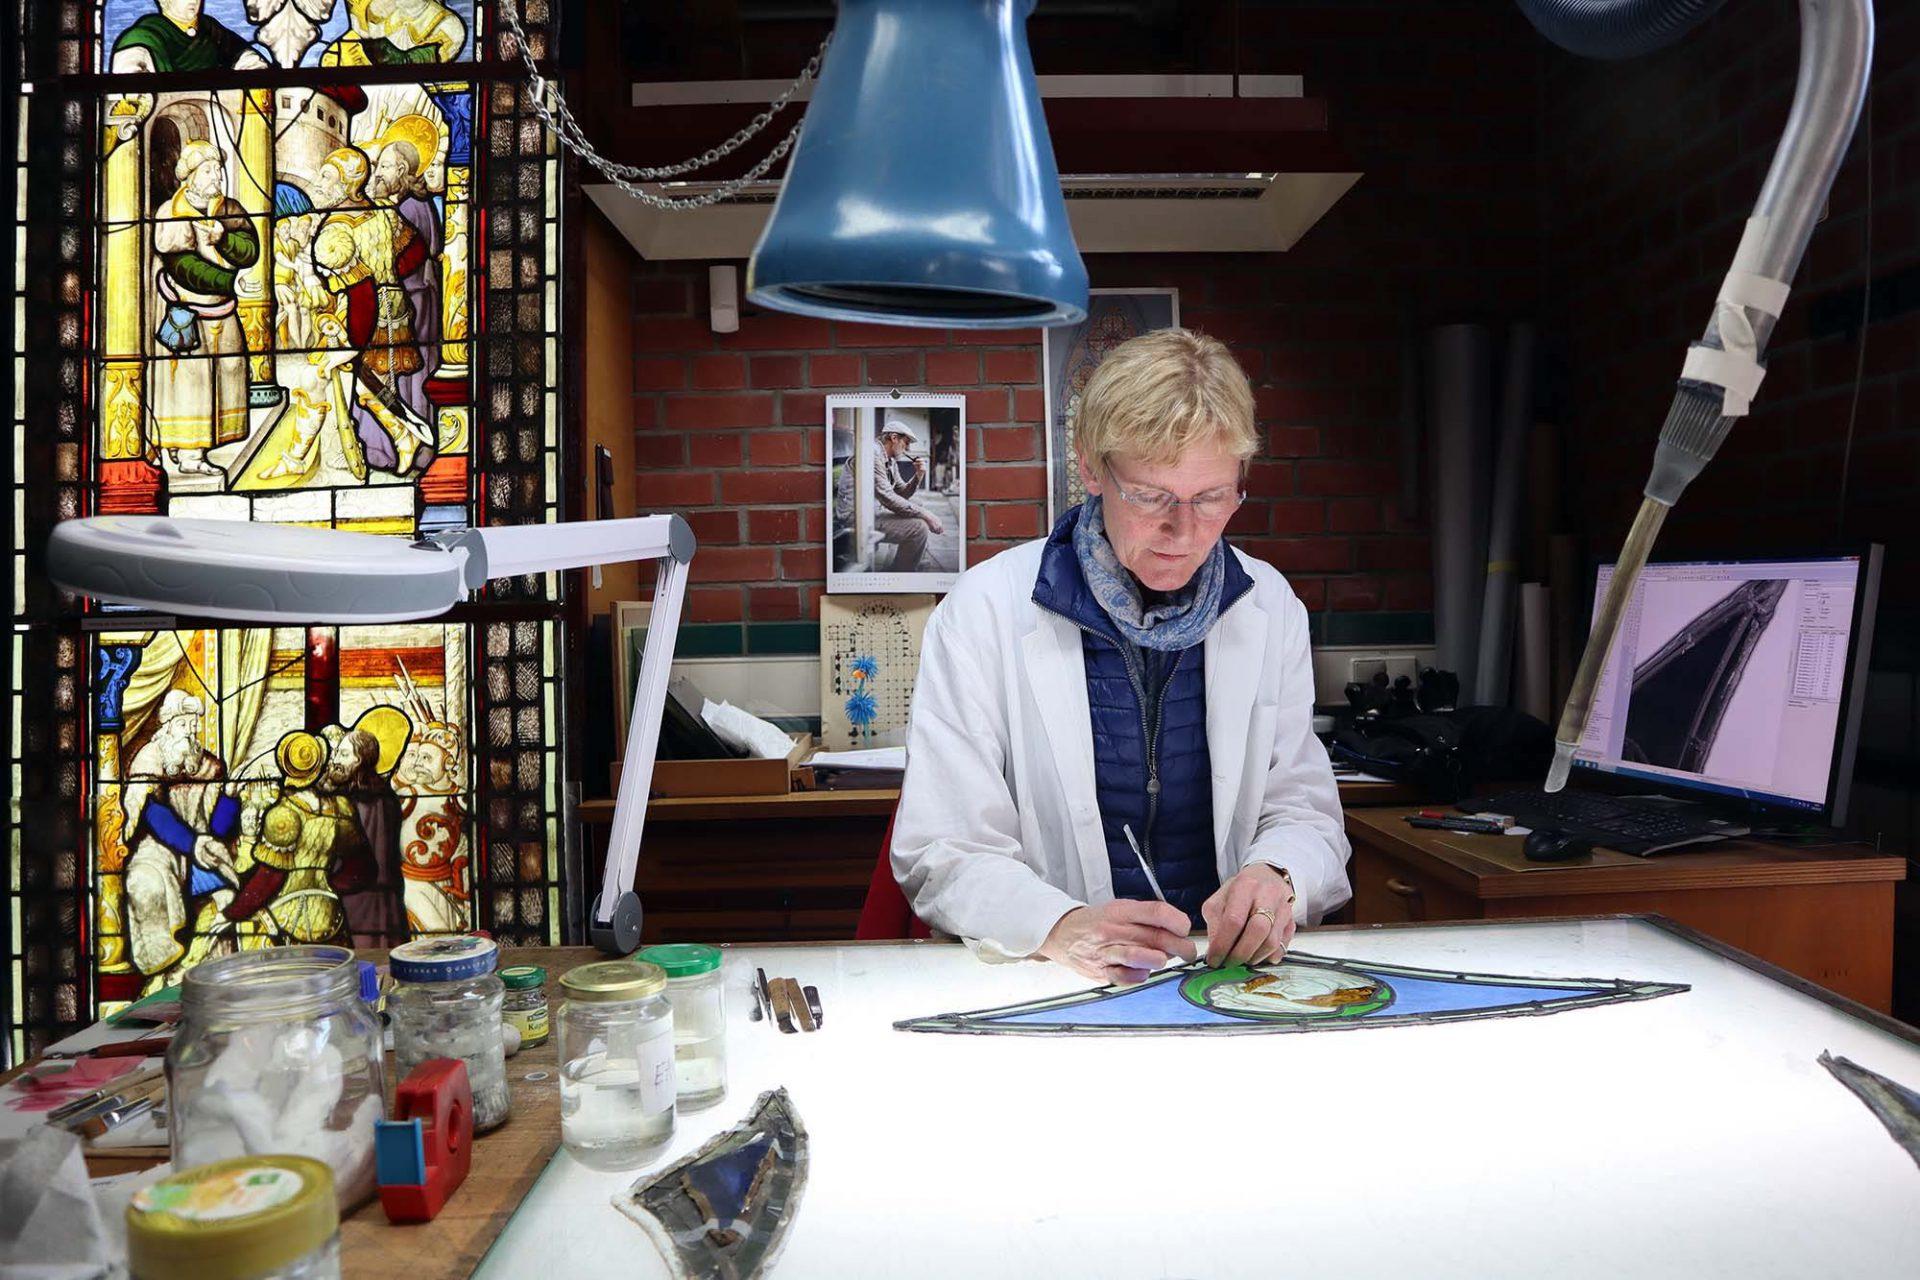 Dombauhütte Köln. Karola Müller-Weinitschke ist Restauratorin in der Glaswerkstatt und seit 33 Jahren an der Dombauhütte. Alle Objekte werden im Haus gesichtet, gesichert und aufgearbeitet.